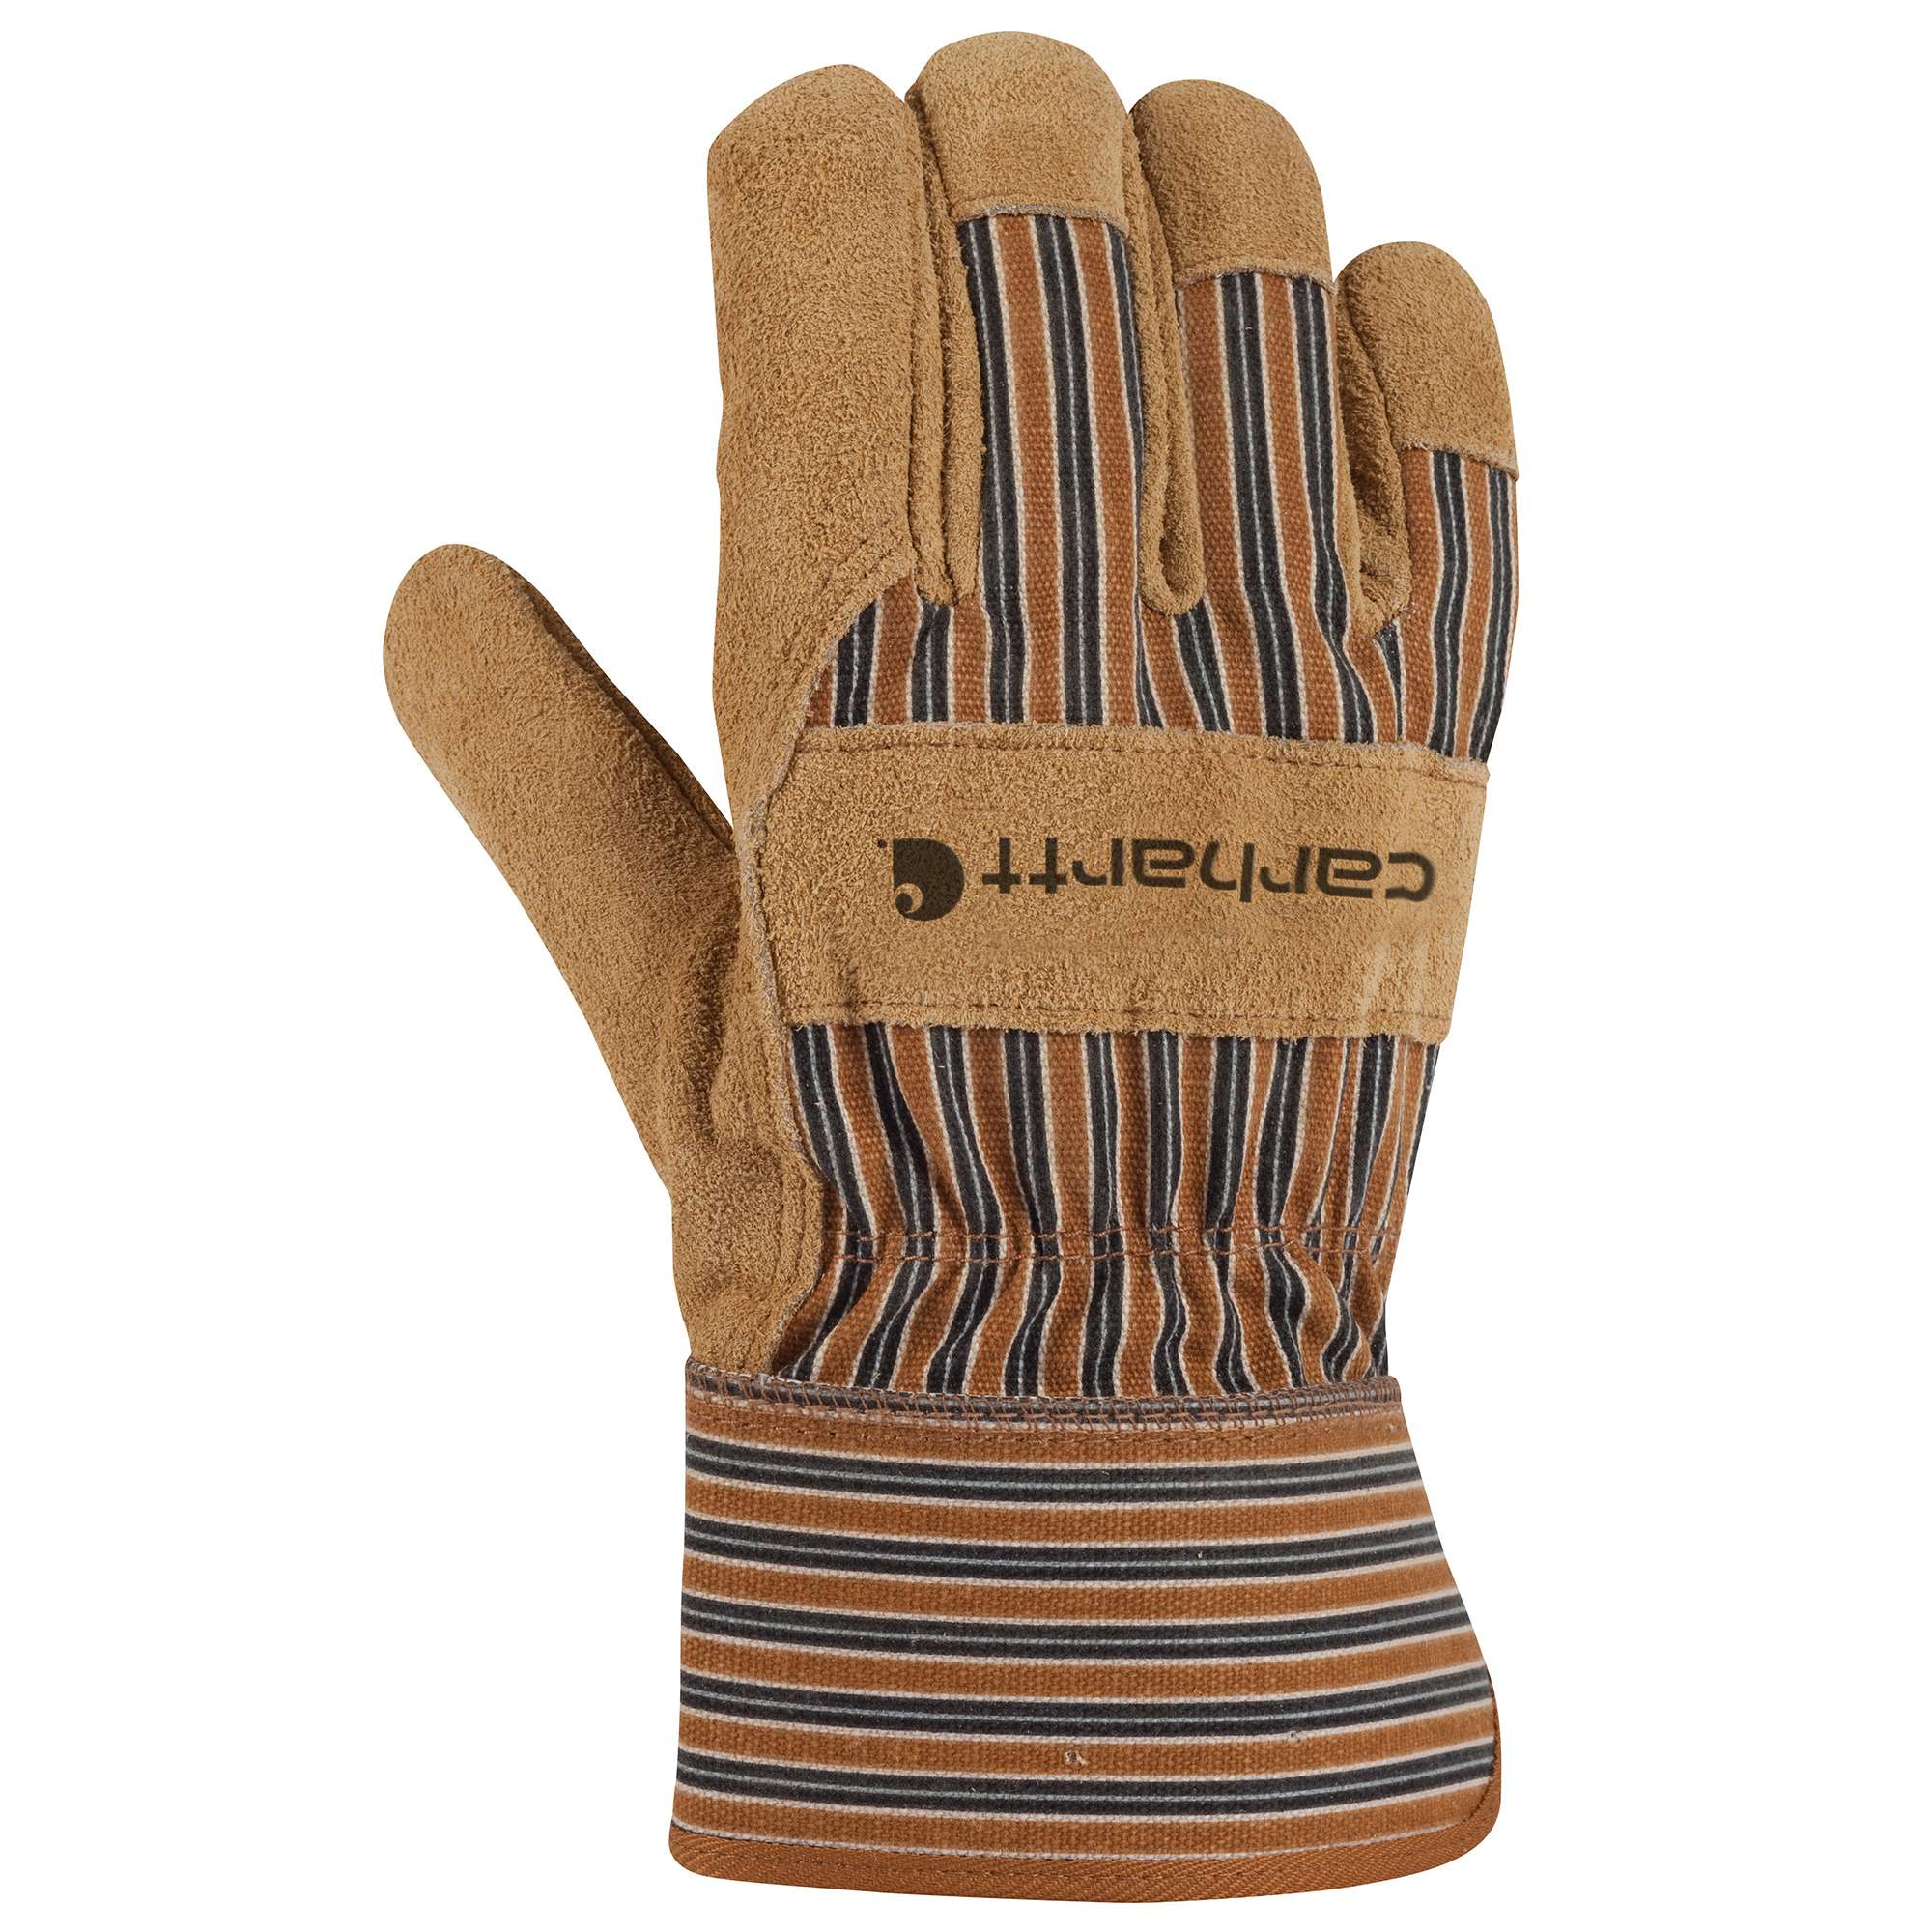 Carhartt Suede Safety Cuff Work Glove